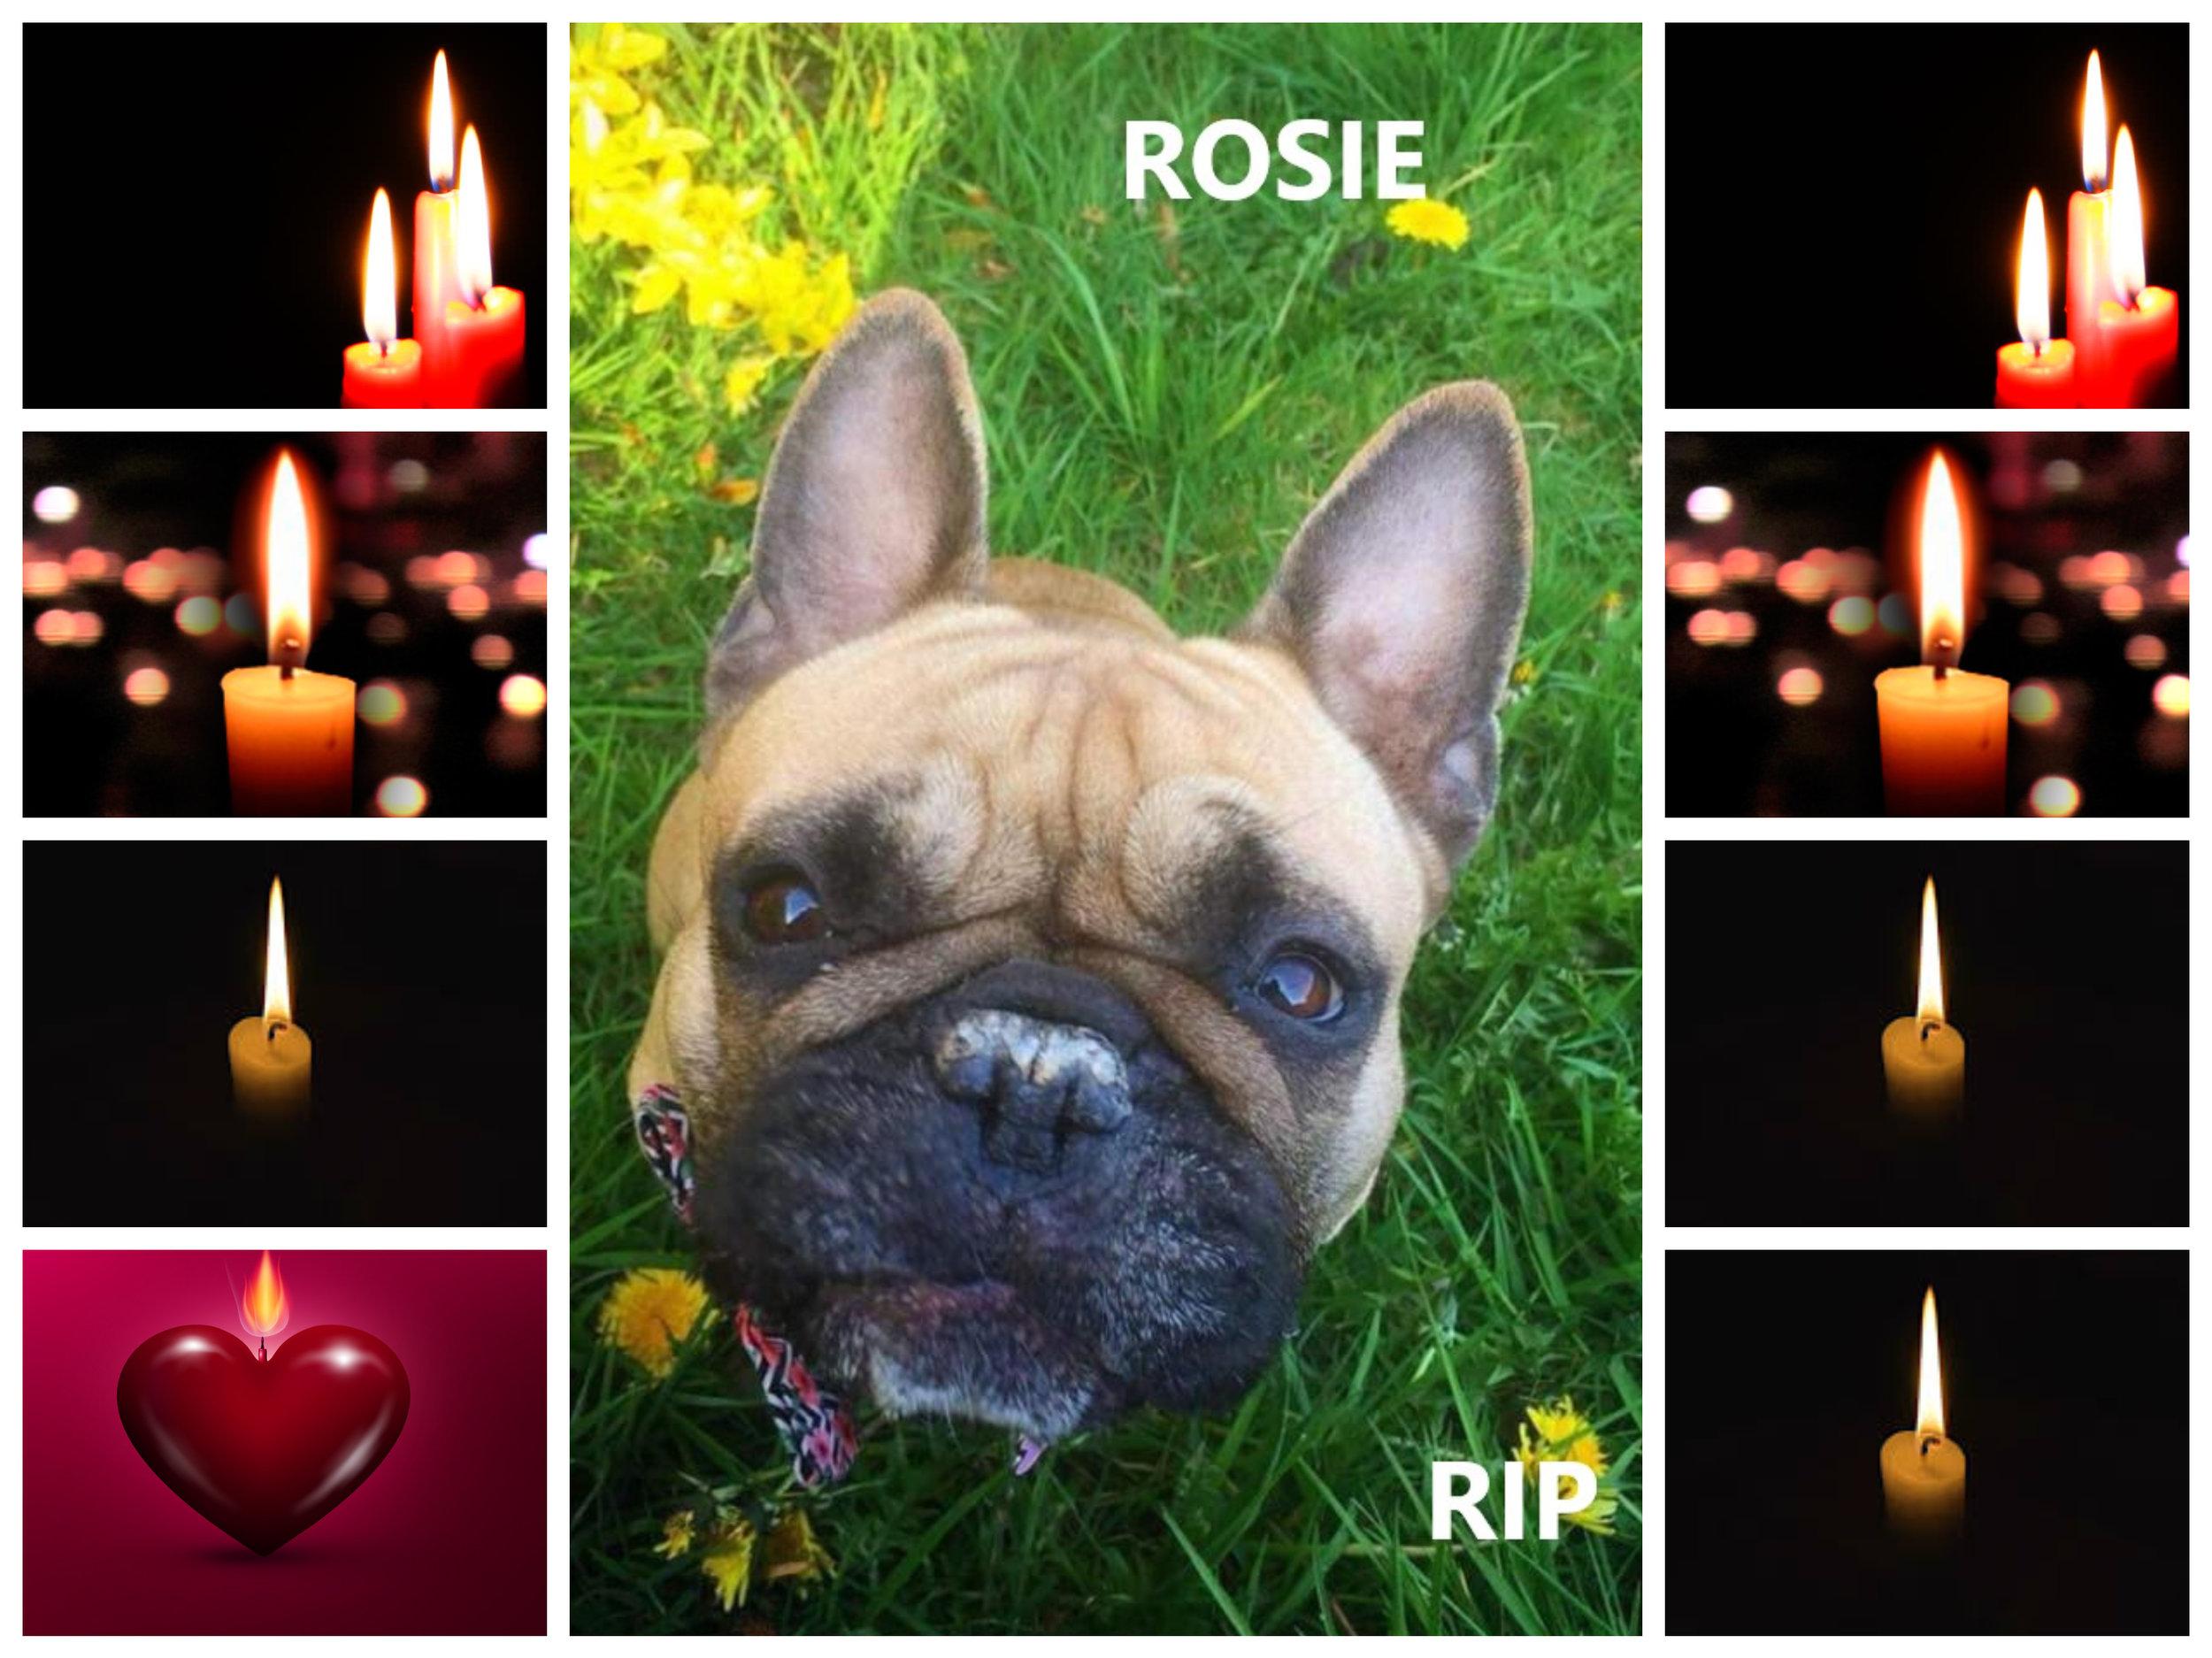 ROSIE RIP.jpg